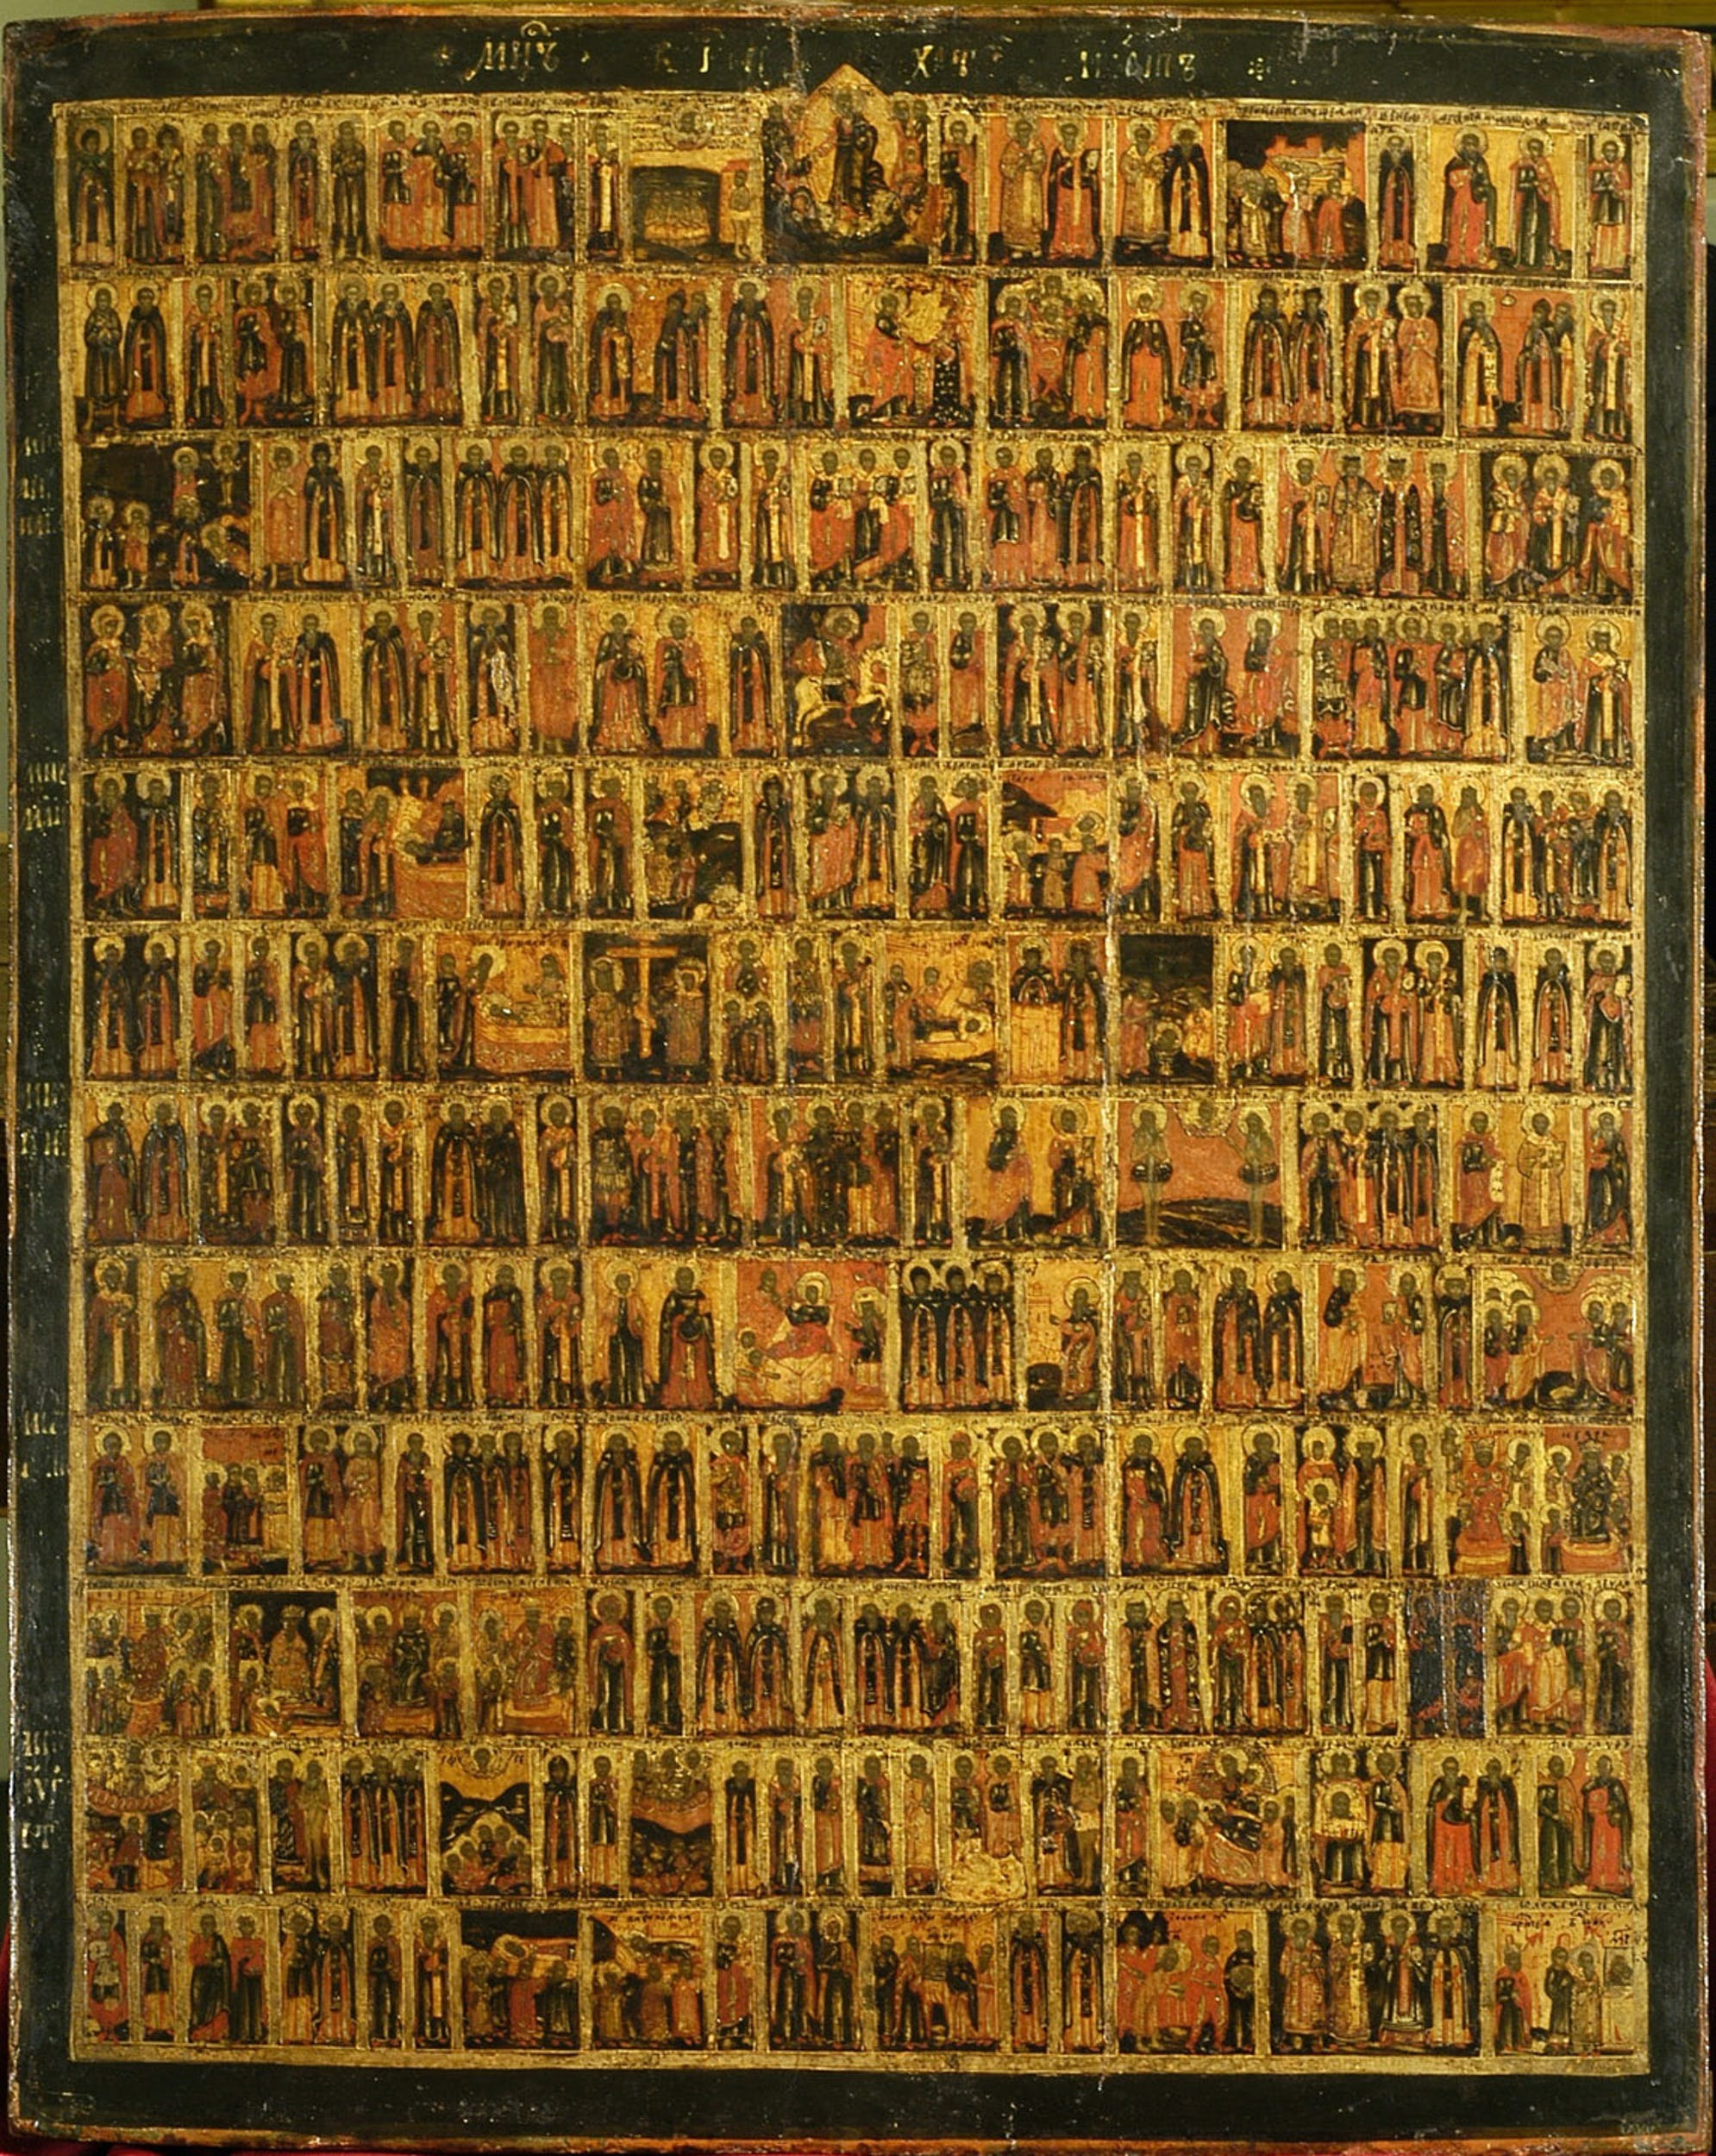 Fig.4 Bottega russa, Menologio del semestre marzo - agosto, c. 1725-1750, tavola,  cm 70 x 54, inv. 1890 n. 5955